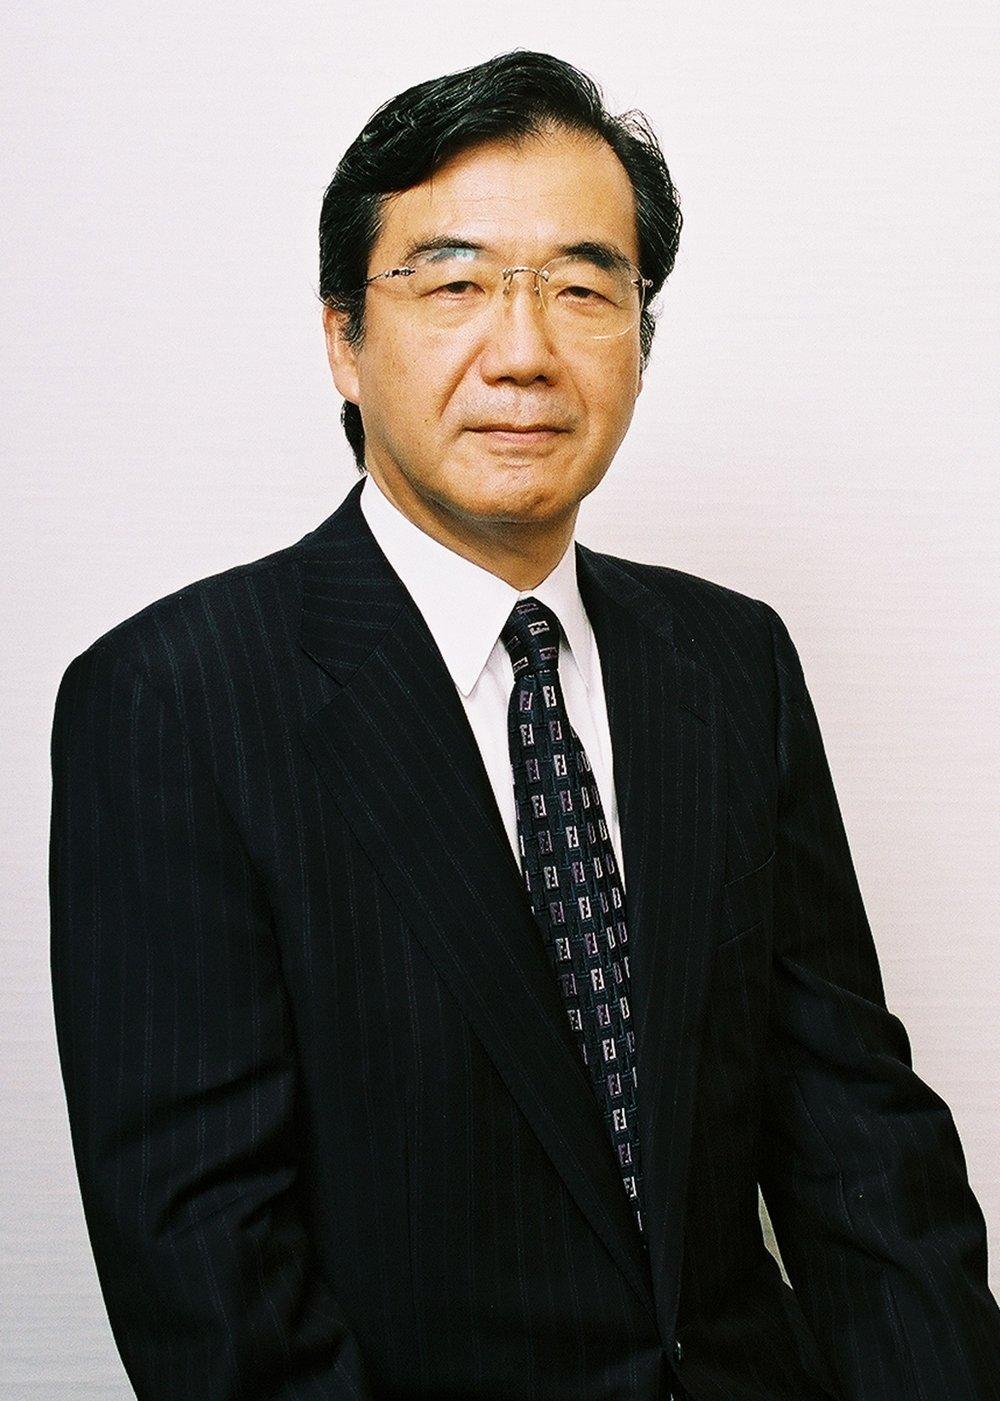 藤井 卓也 / Takuya FUJII  プロモントリー・フィナンシャル・ジャパン会長 / Promontory Financial Group Global Services Japan (Chairman)